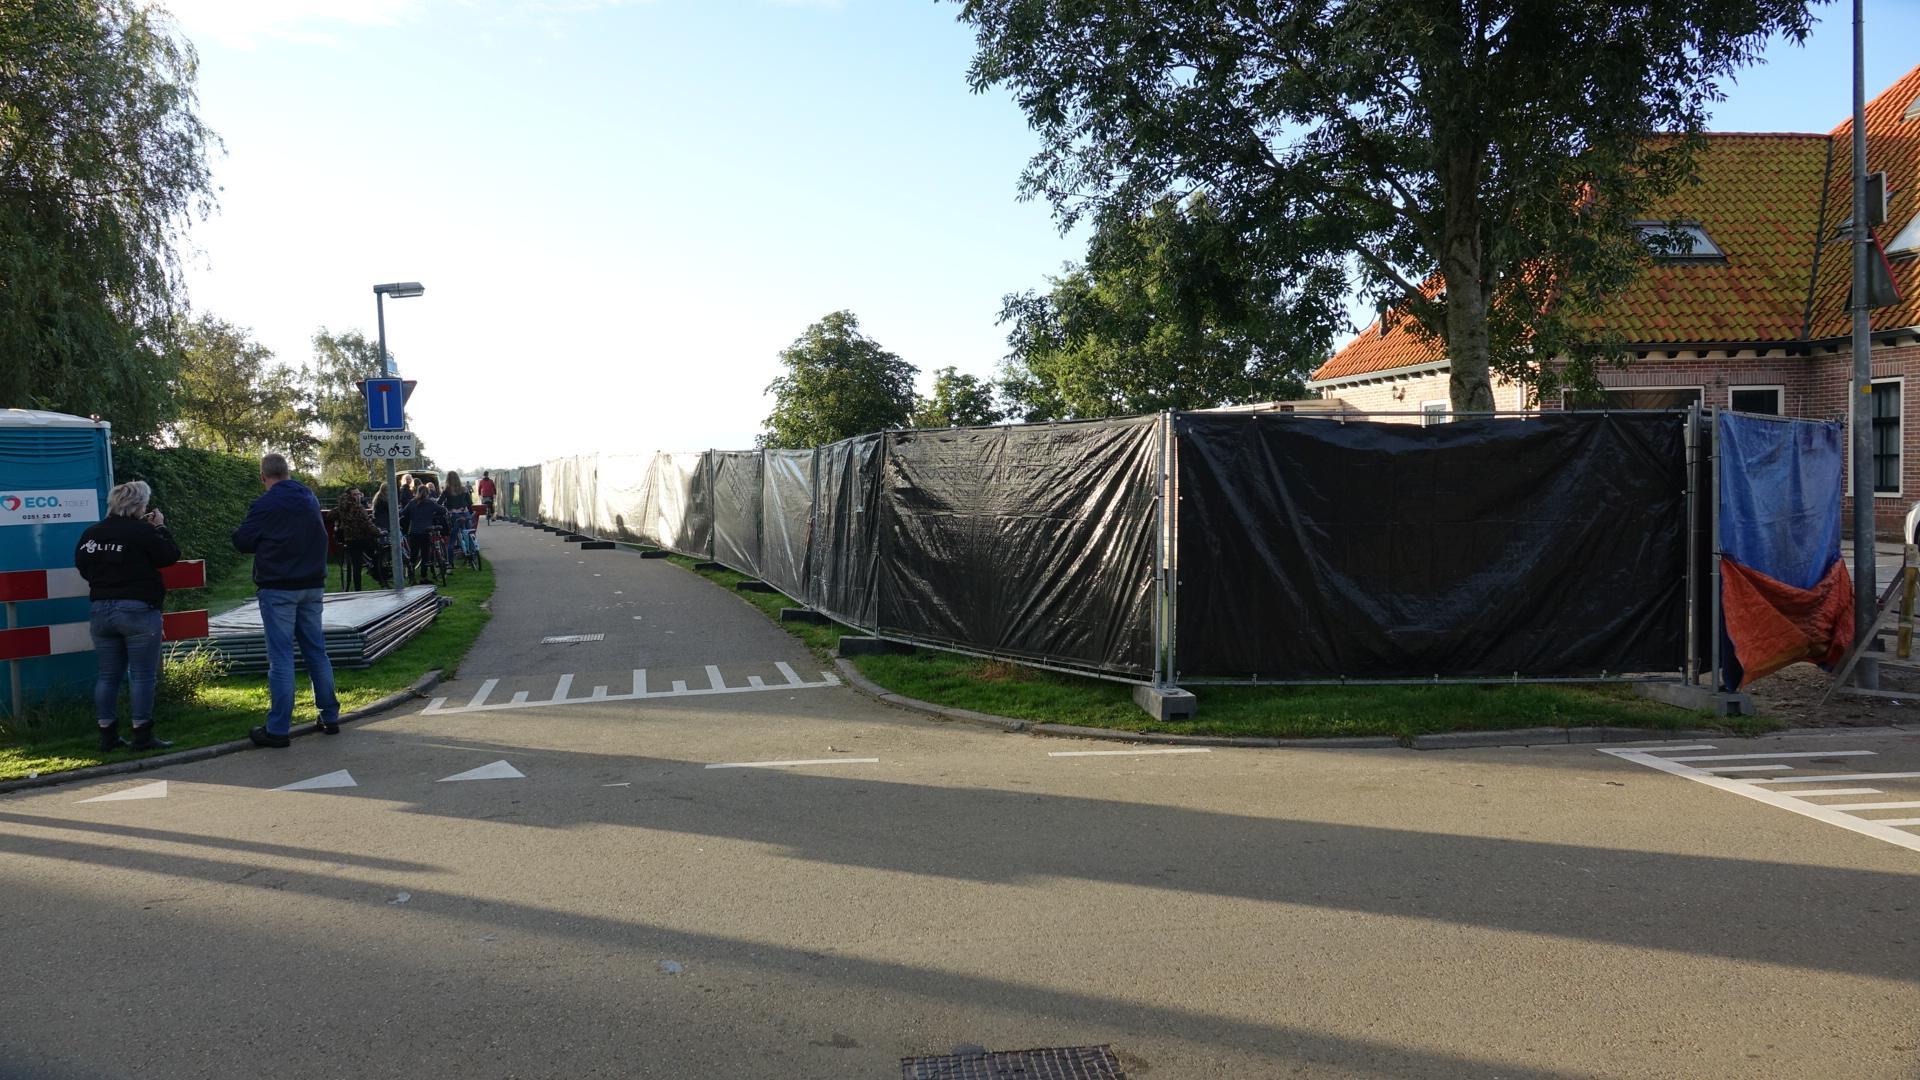 Opnieuw groot politieonderzoek in Nibbixwoud rond sloot waar Dimitri werd gevonden